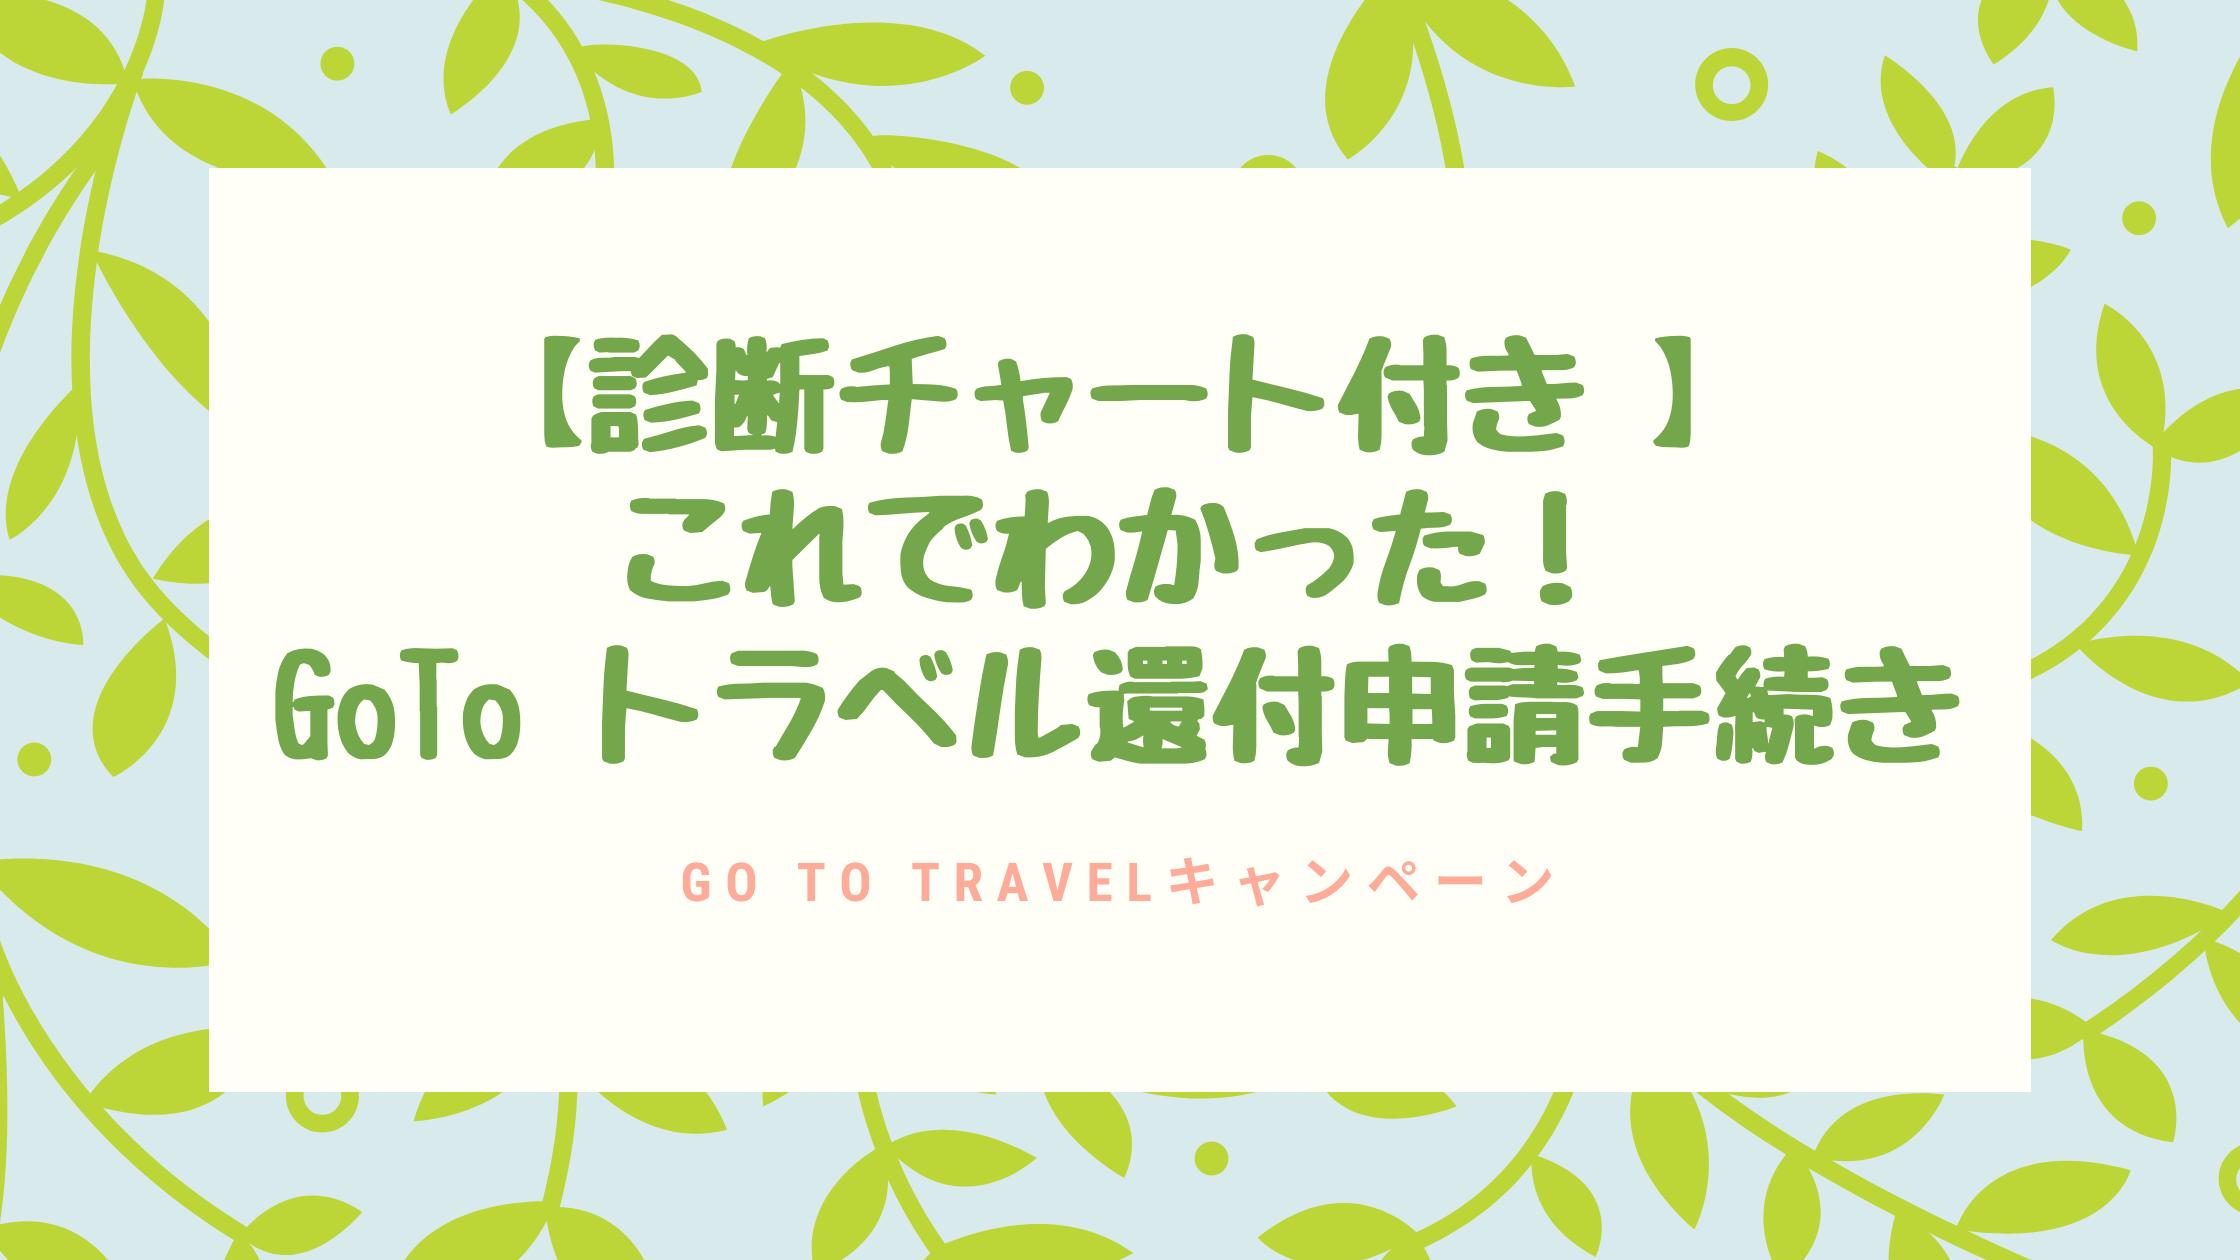 事務 go 申請 方法 局 to travel キャンペーン